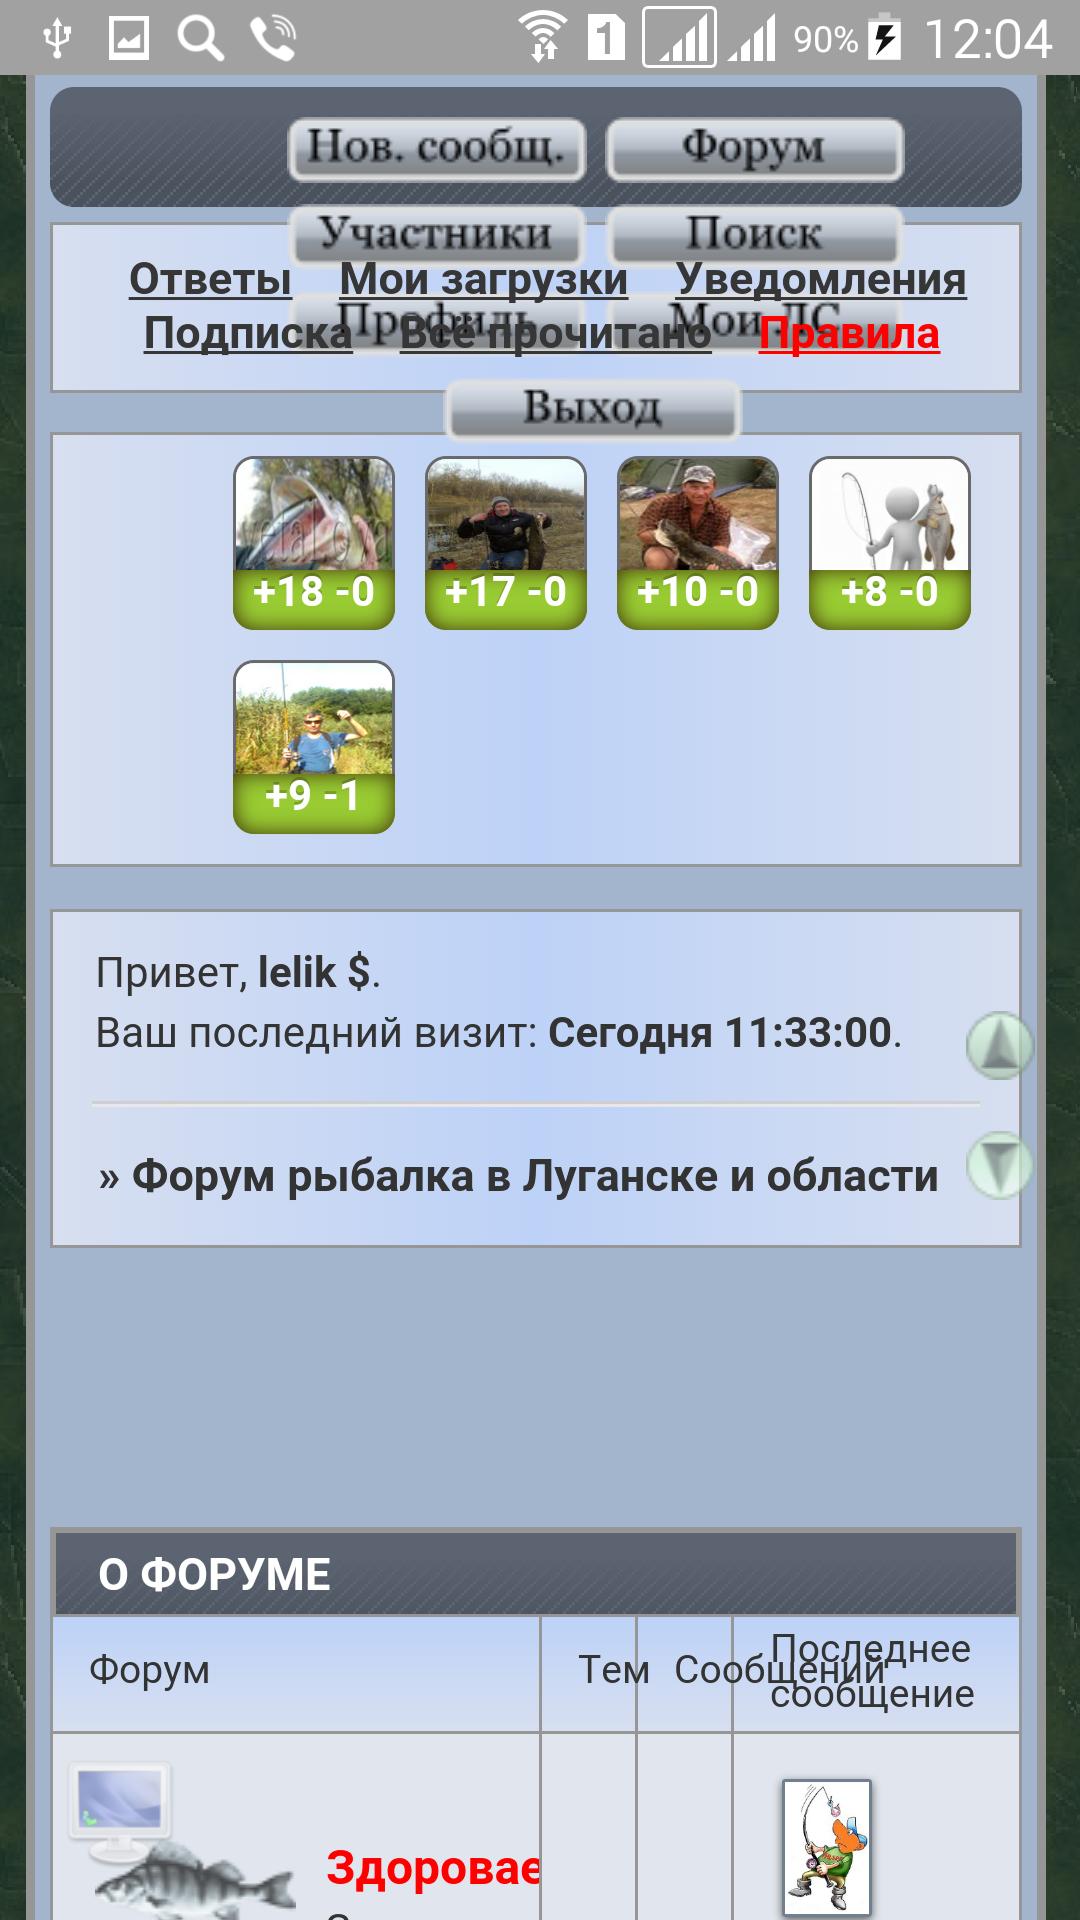 http://s6.uploads.ru/r4f5w.png